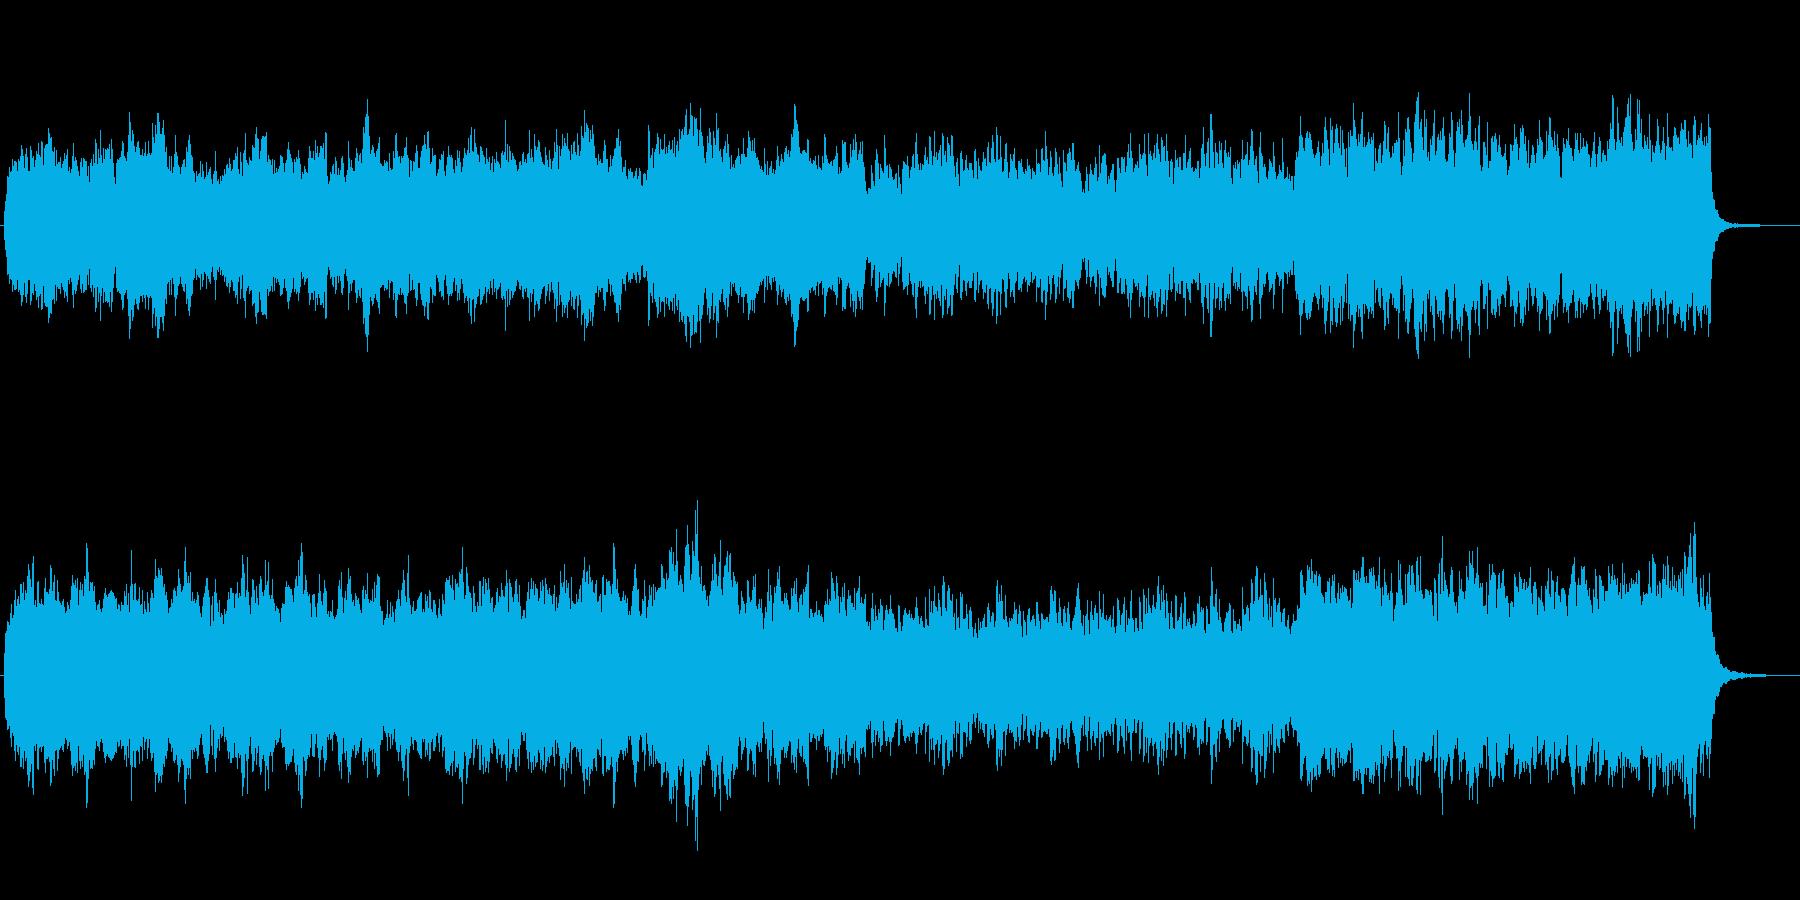 オーボエメインのセンチメンタルな幻想曲の再生済みの波形